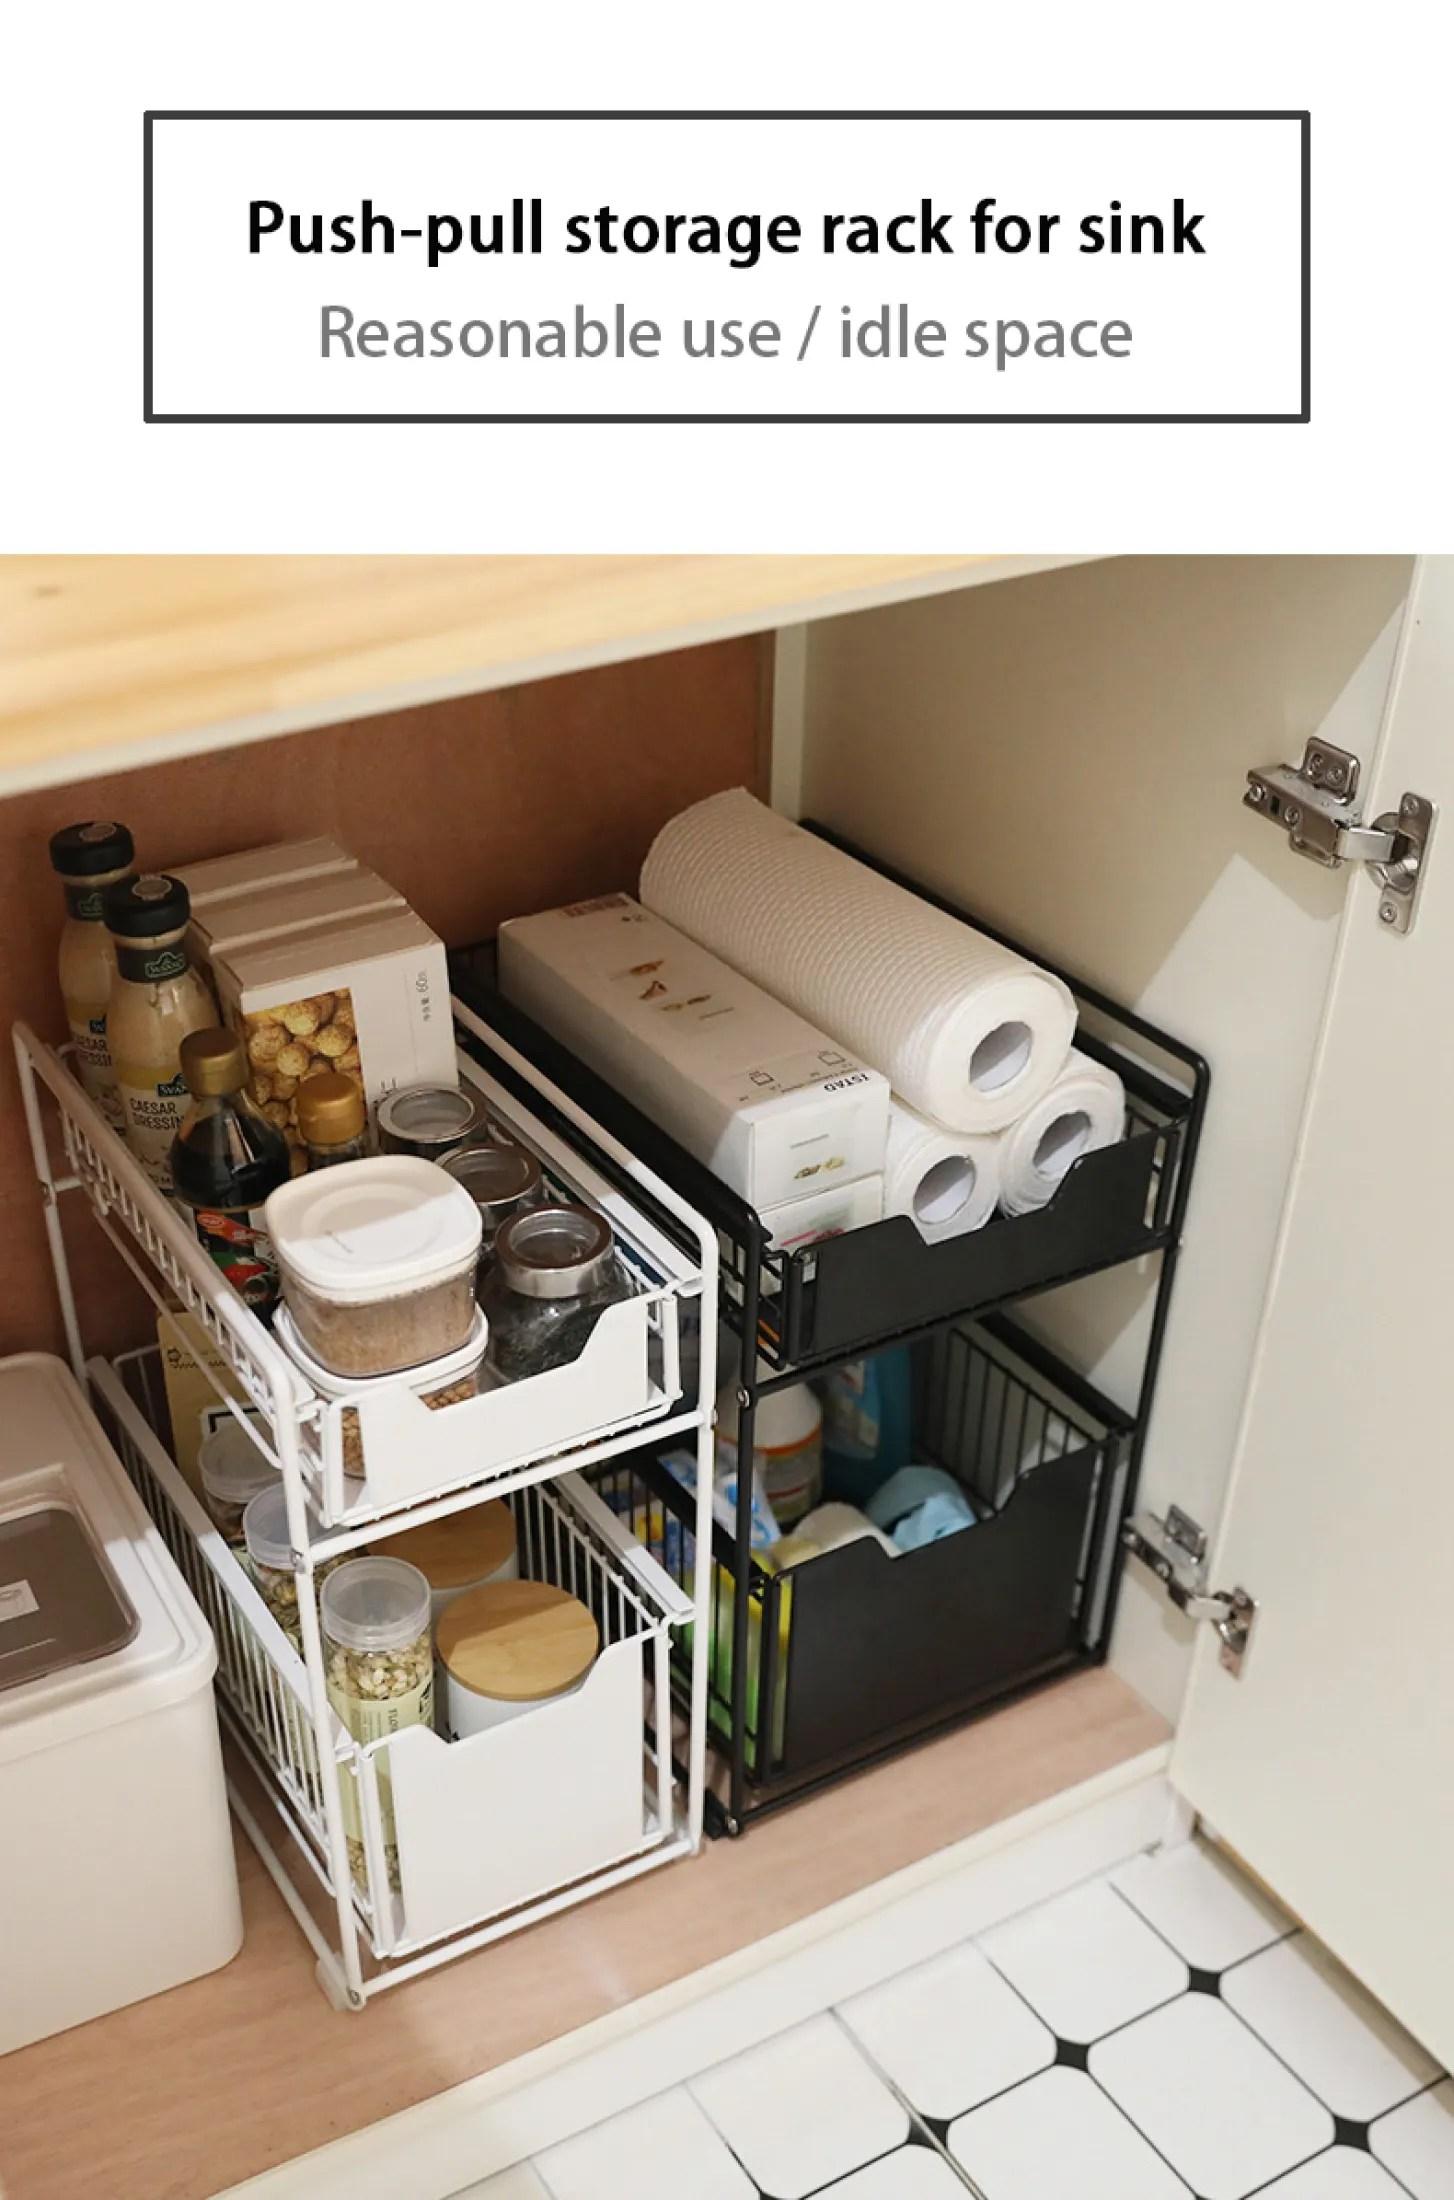 yaleer under sink shelf 2 tier kitchen cabinet organizer rack with sliding storage drawer desktop organizer for kitchen bathroom office stackable